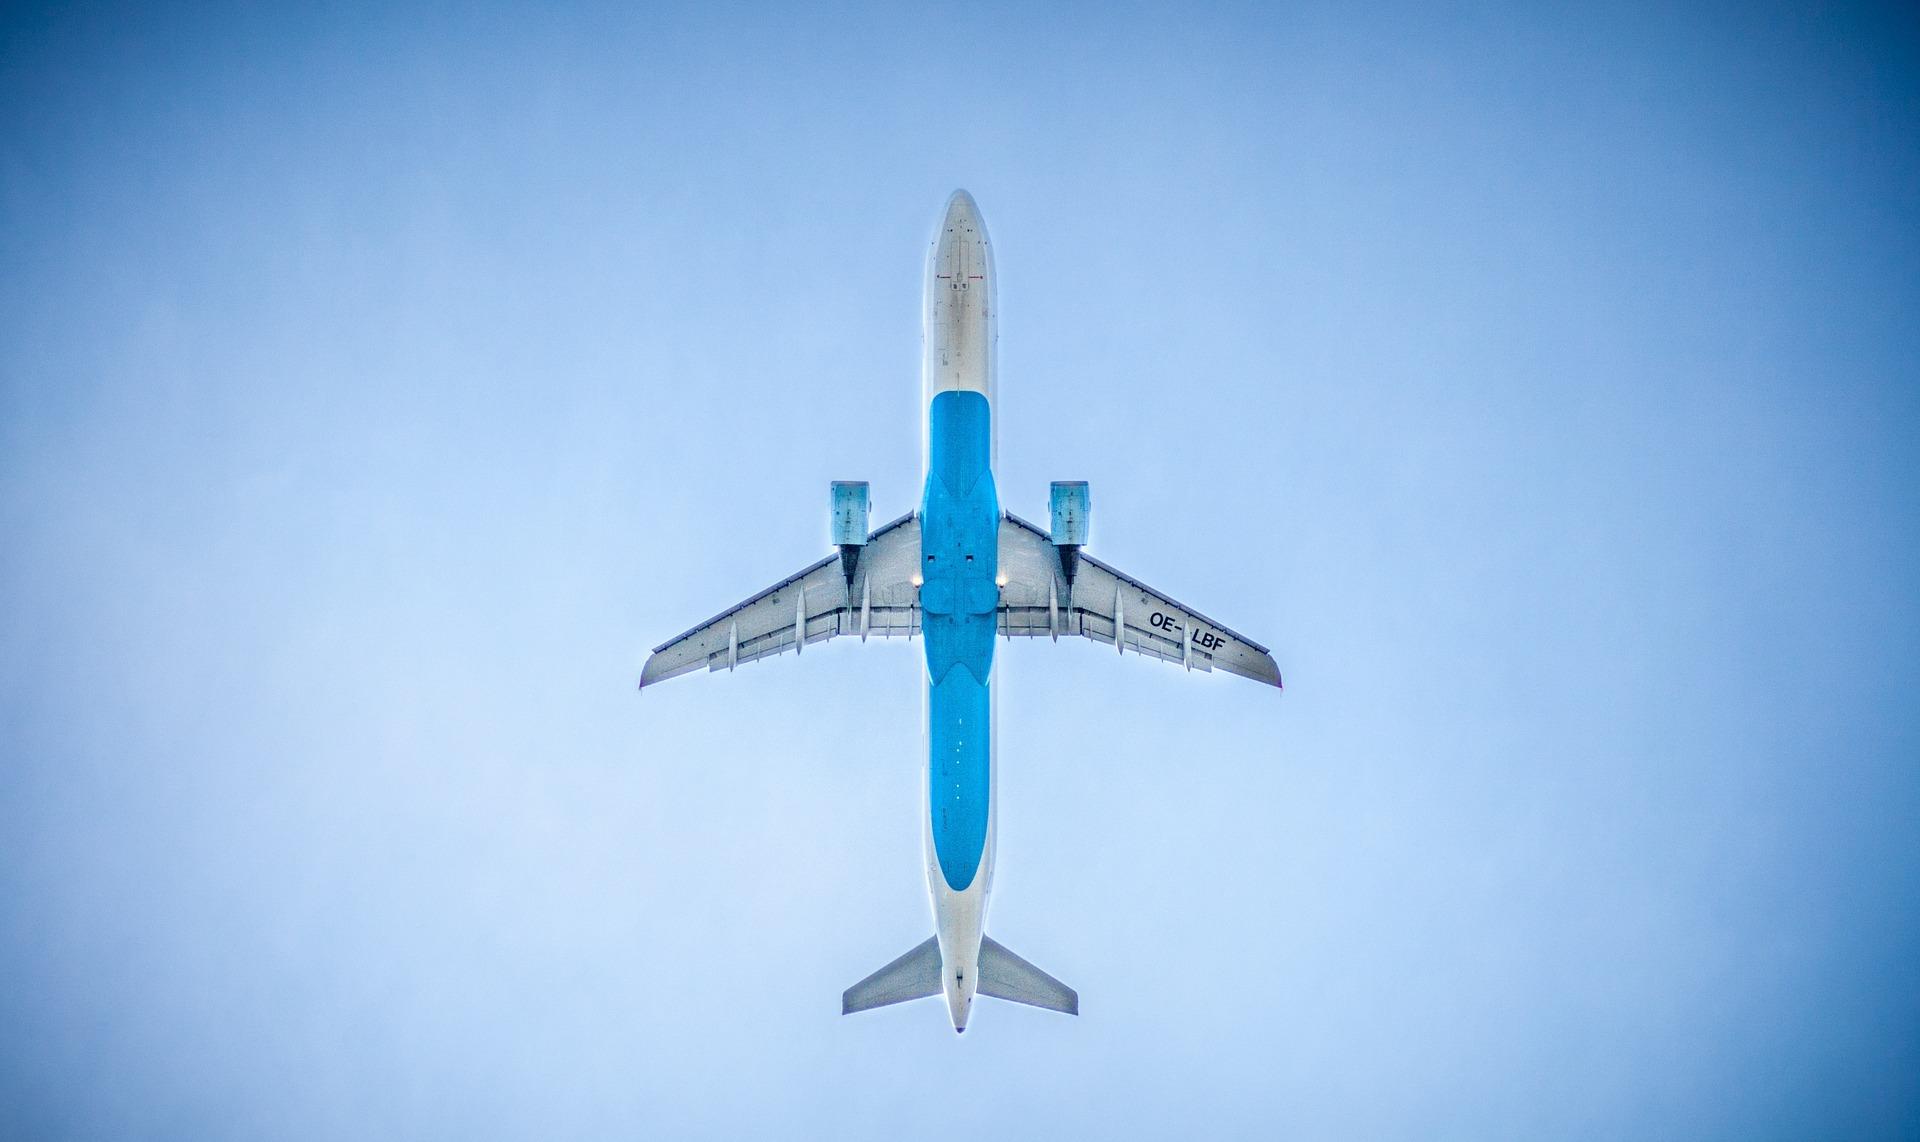 GUEST POST: Tricks for Finding Best Flight Deals